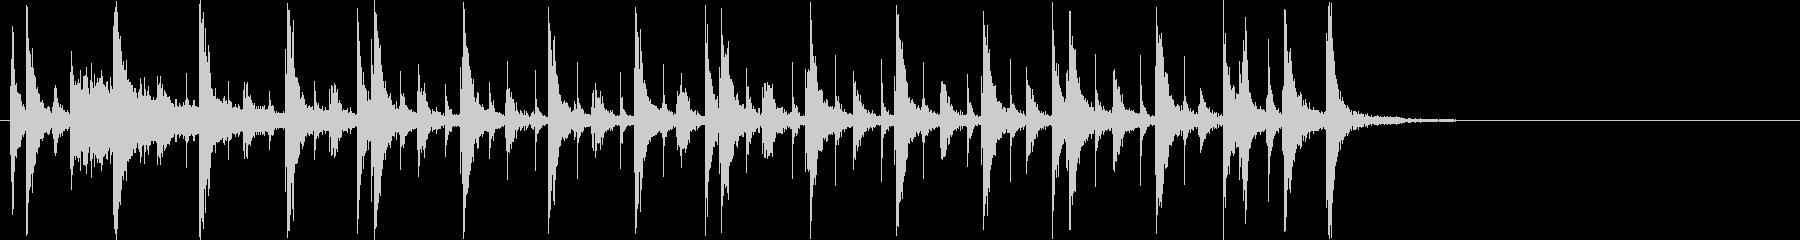 木琴メロディー:ケイジャンクッキン...の未再生の波形